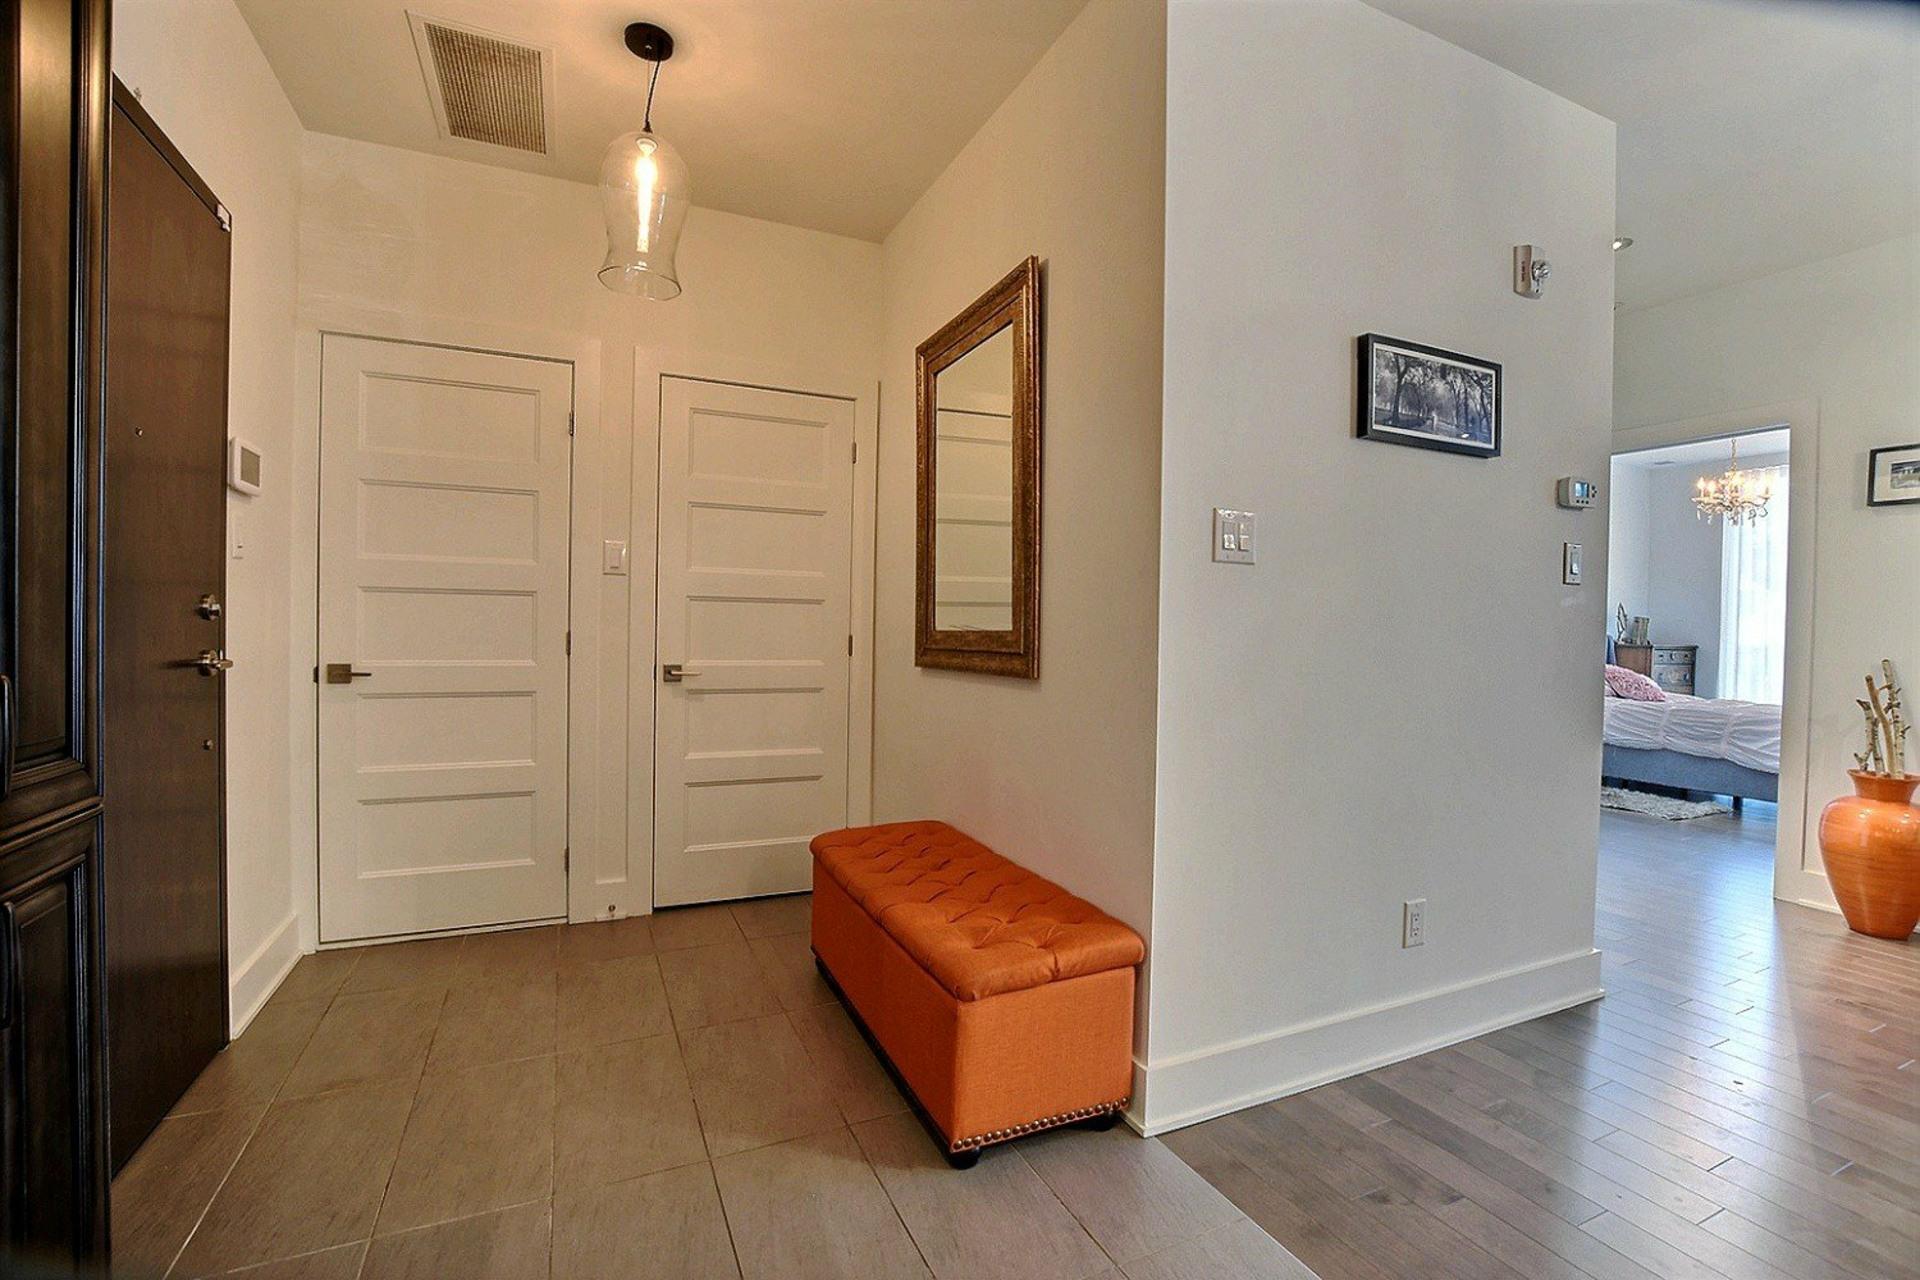 image 4 - Appartement À vendre Lorraine - 10 pièces